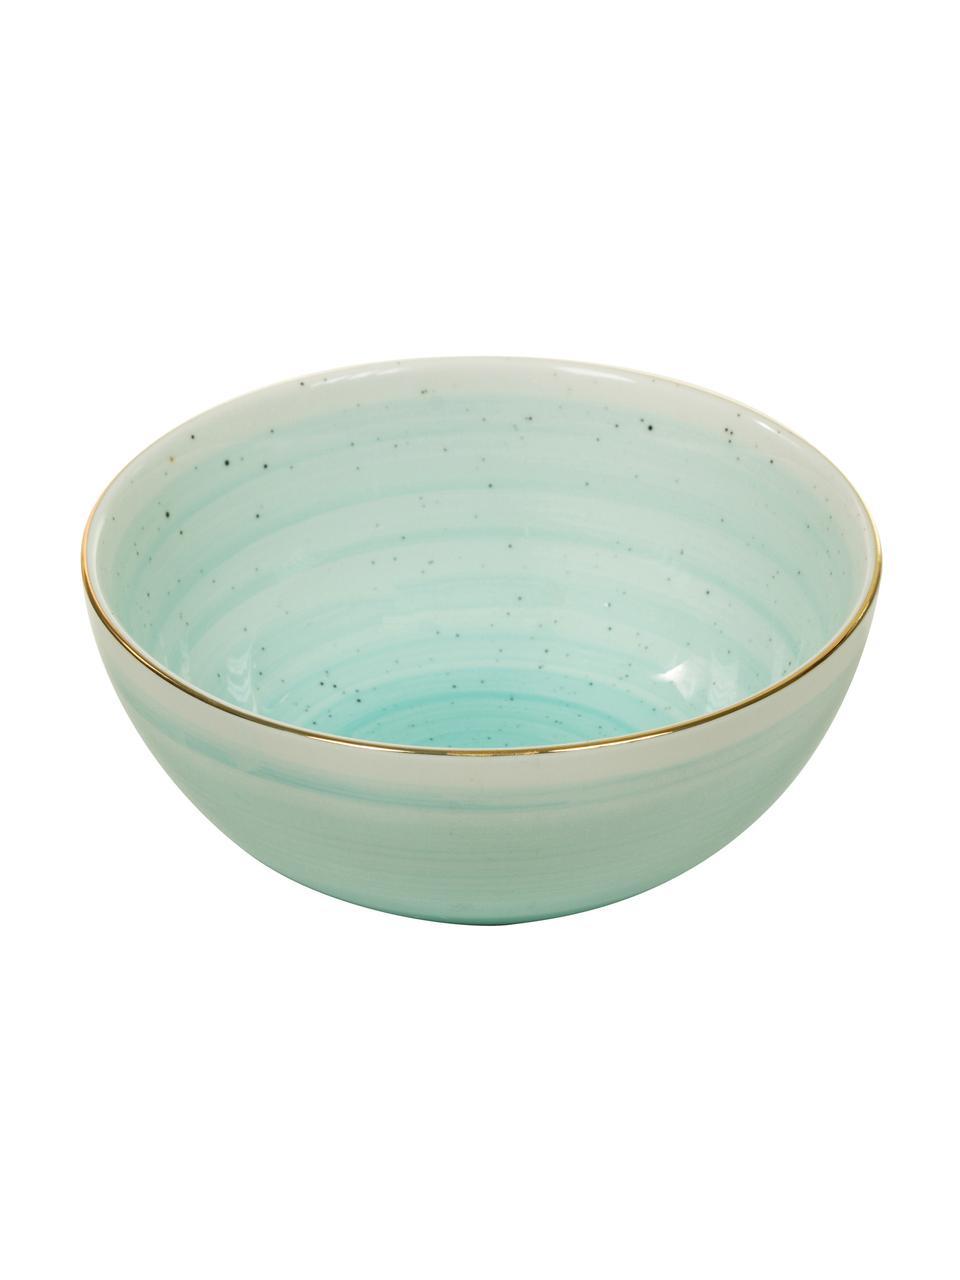 Ręcznie wykonana miska Bella, 2 szt., Porcelana, Turkusowoniebieski, Ø 10 x W 6 cm